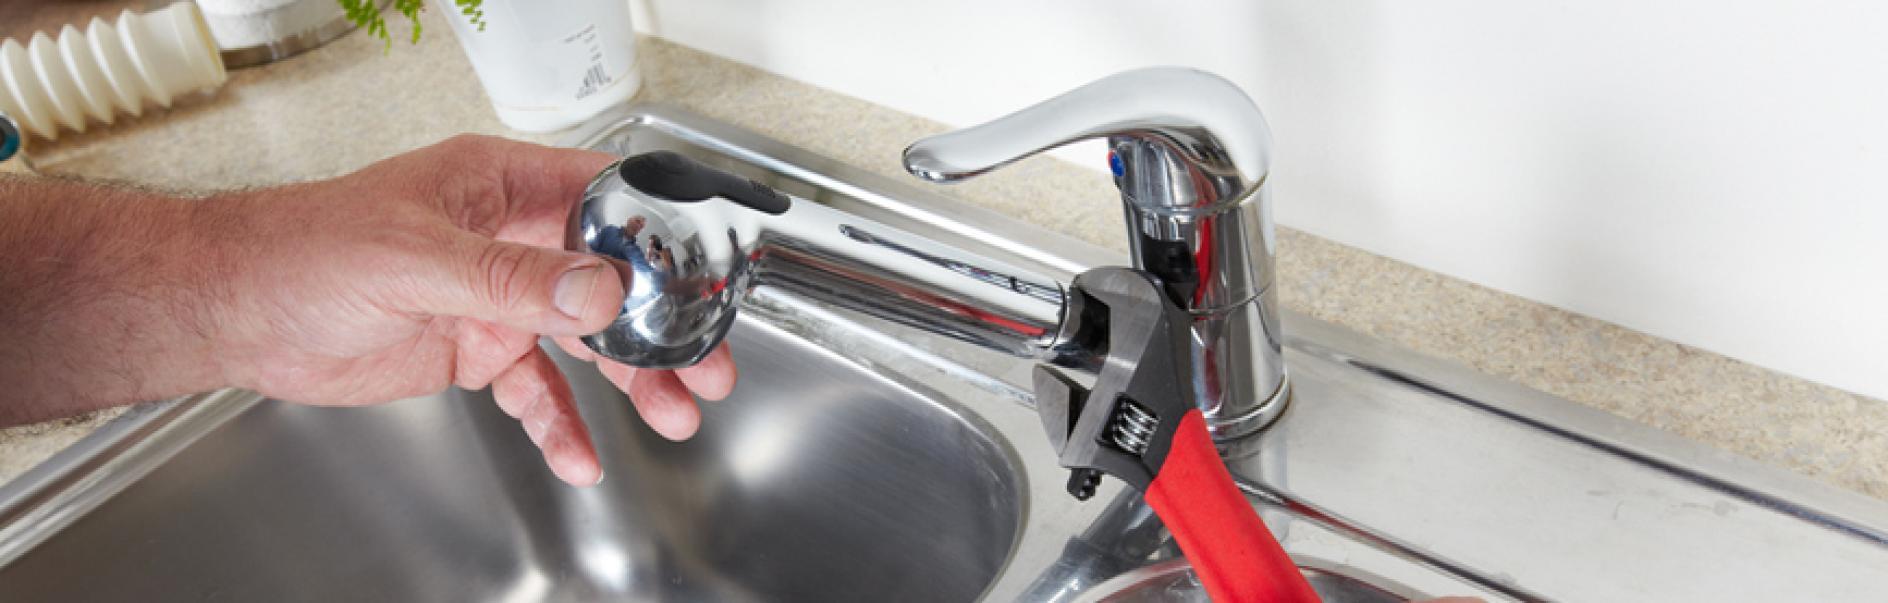 Ha a mosogatógép működik, nagyon óvatosan nyissa ki az ajtaját, mivel a víz kipriccolhat.